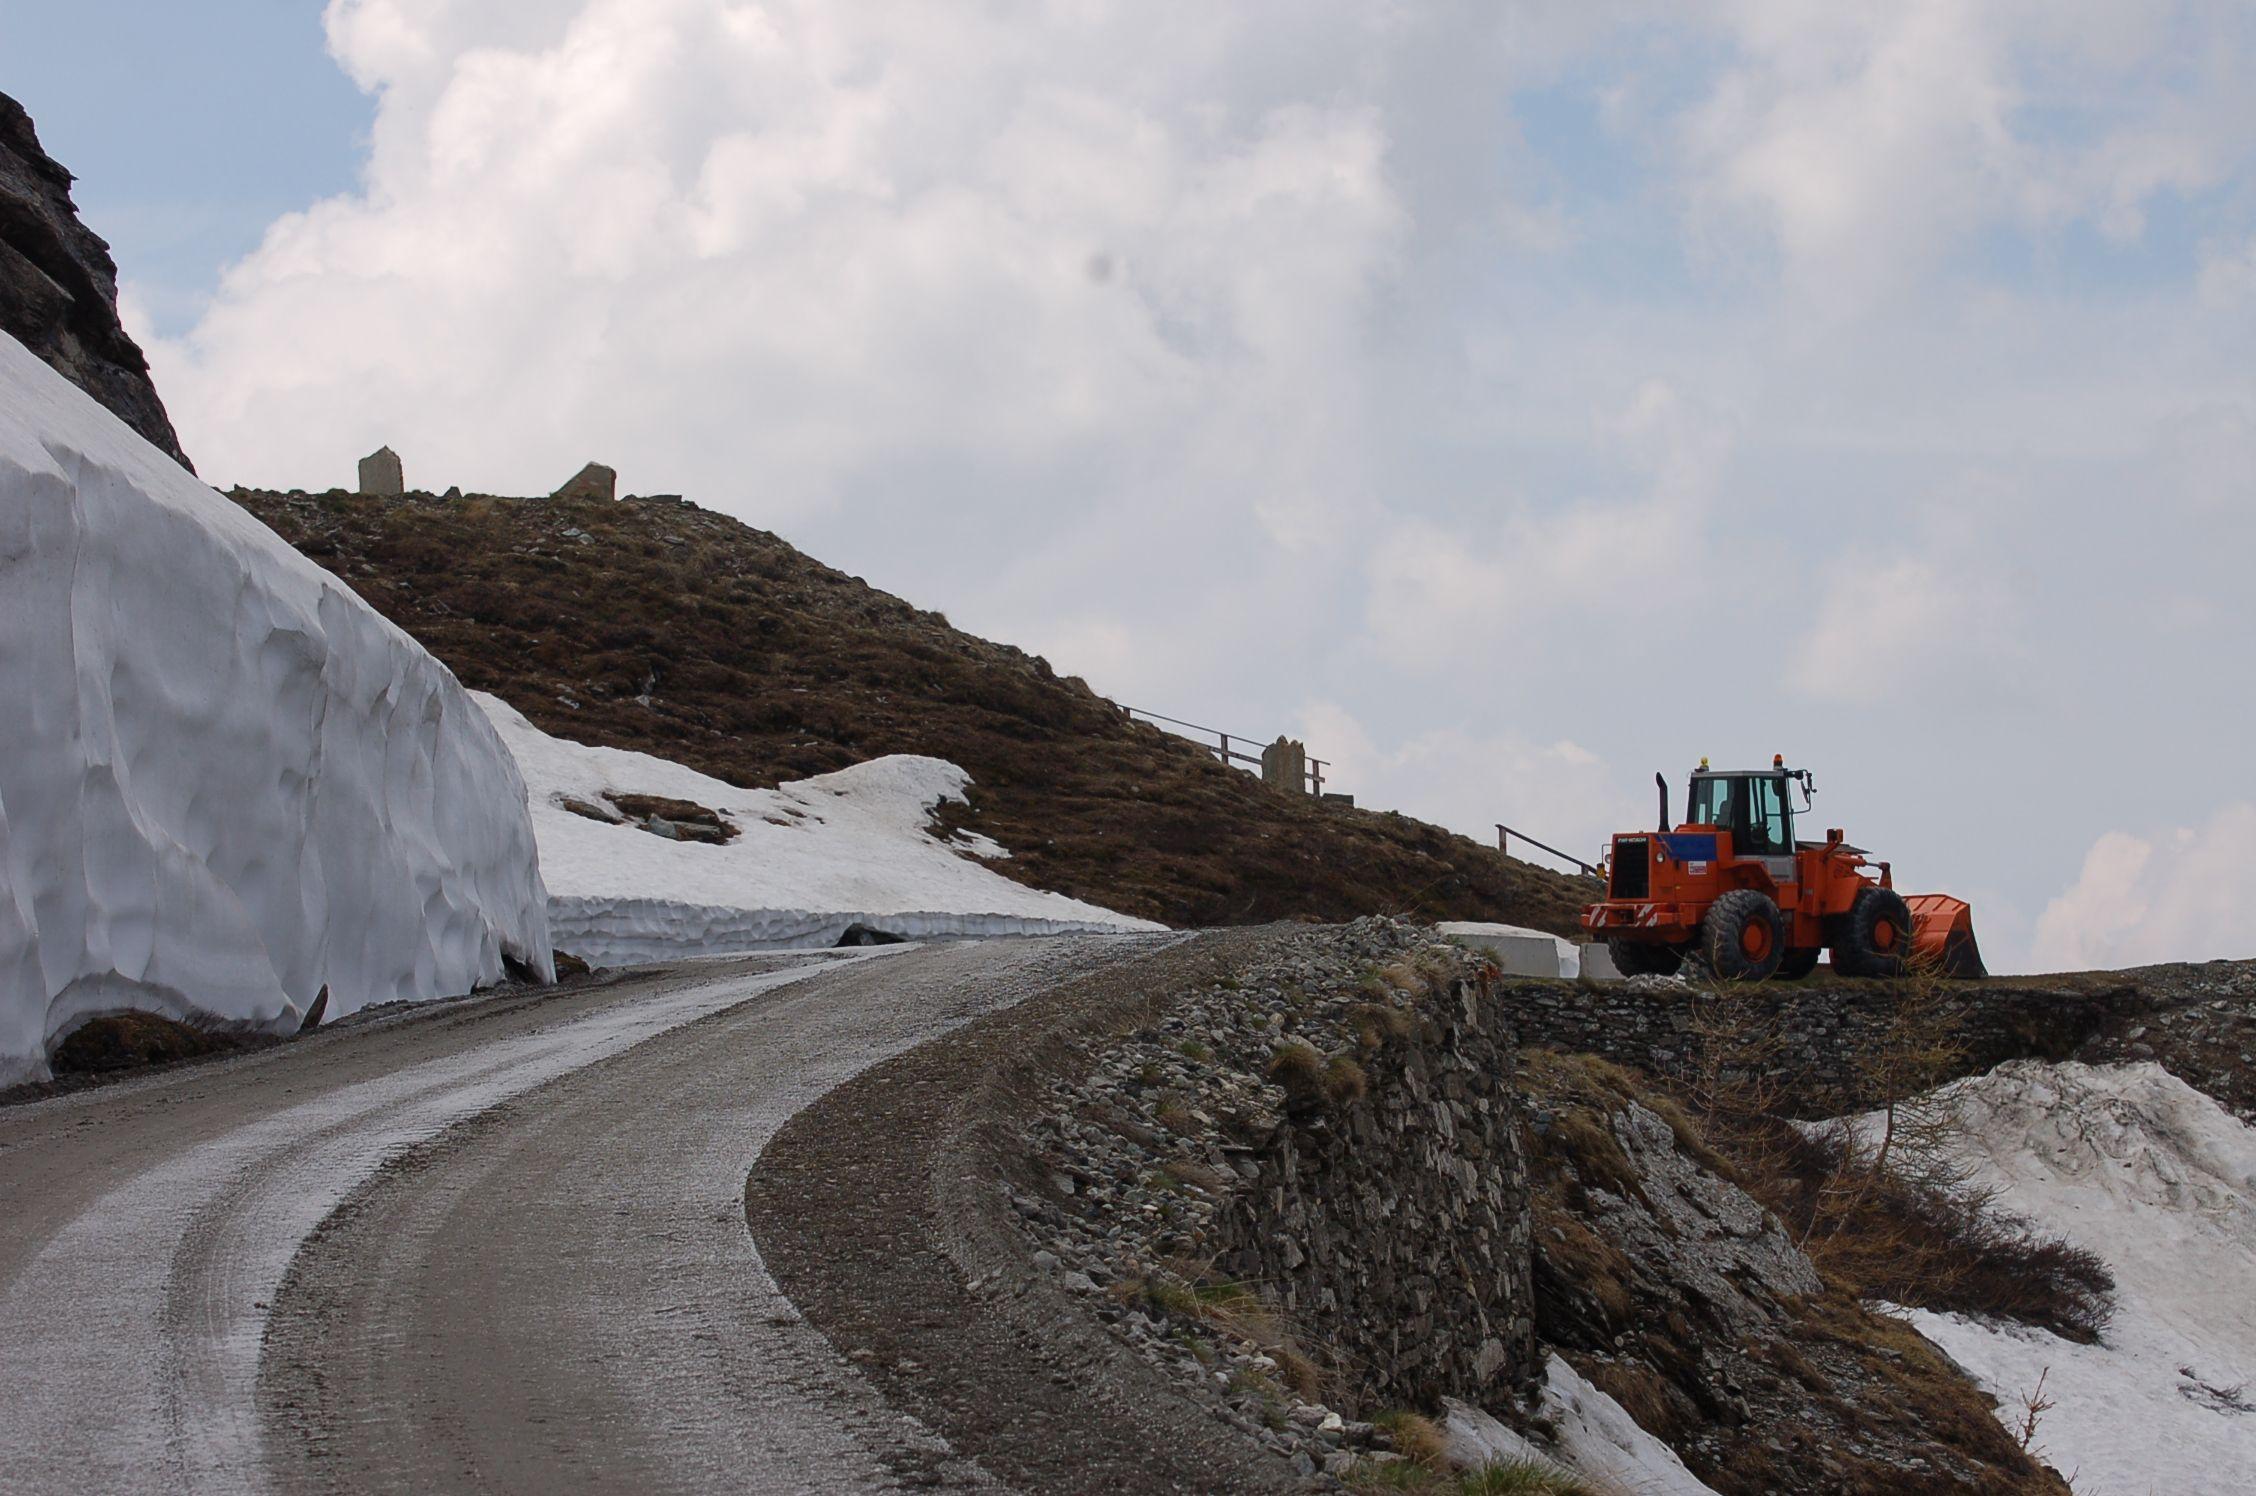 La strada sterrata del Colle delle Finestre pronta per il Giro d'Italia